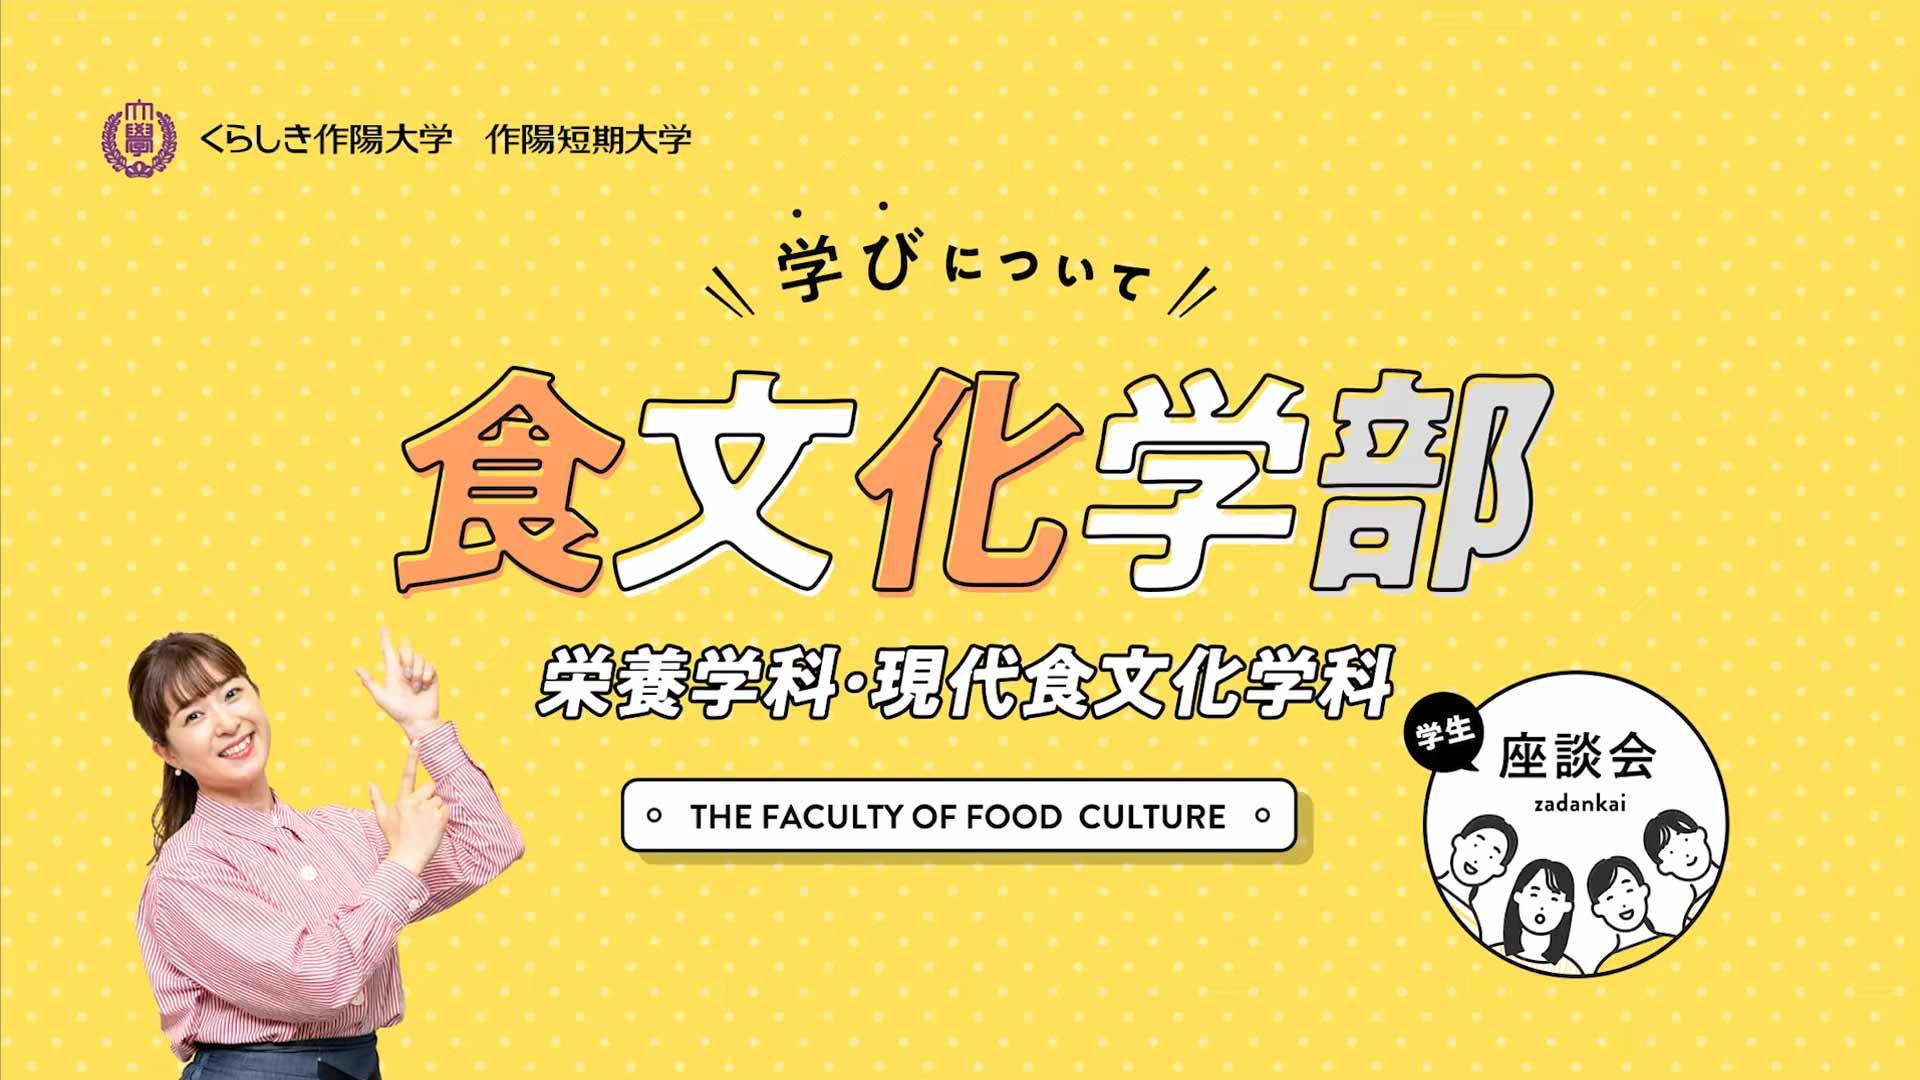 食文化学部 現代食文化学科・栄養学科